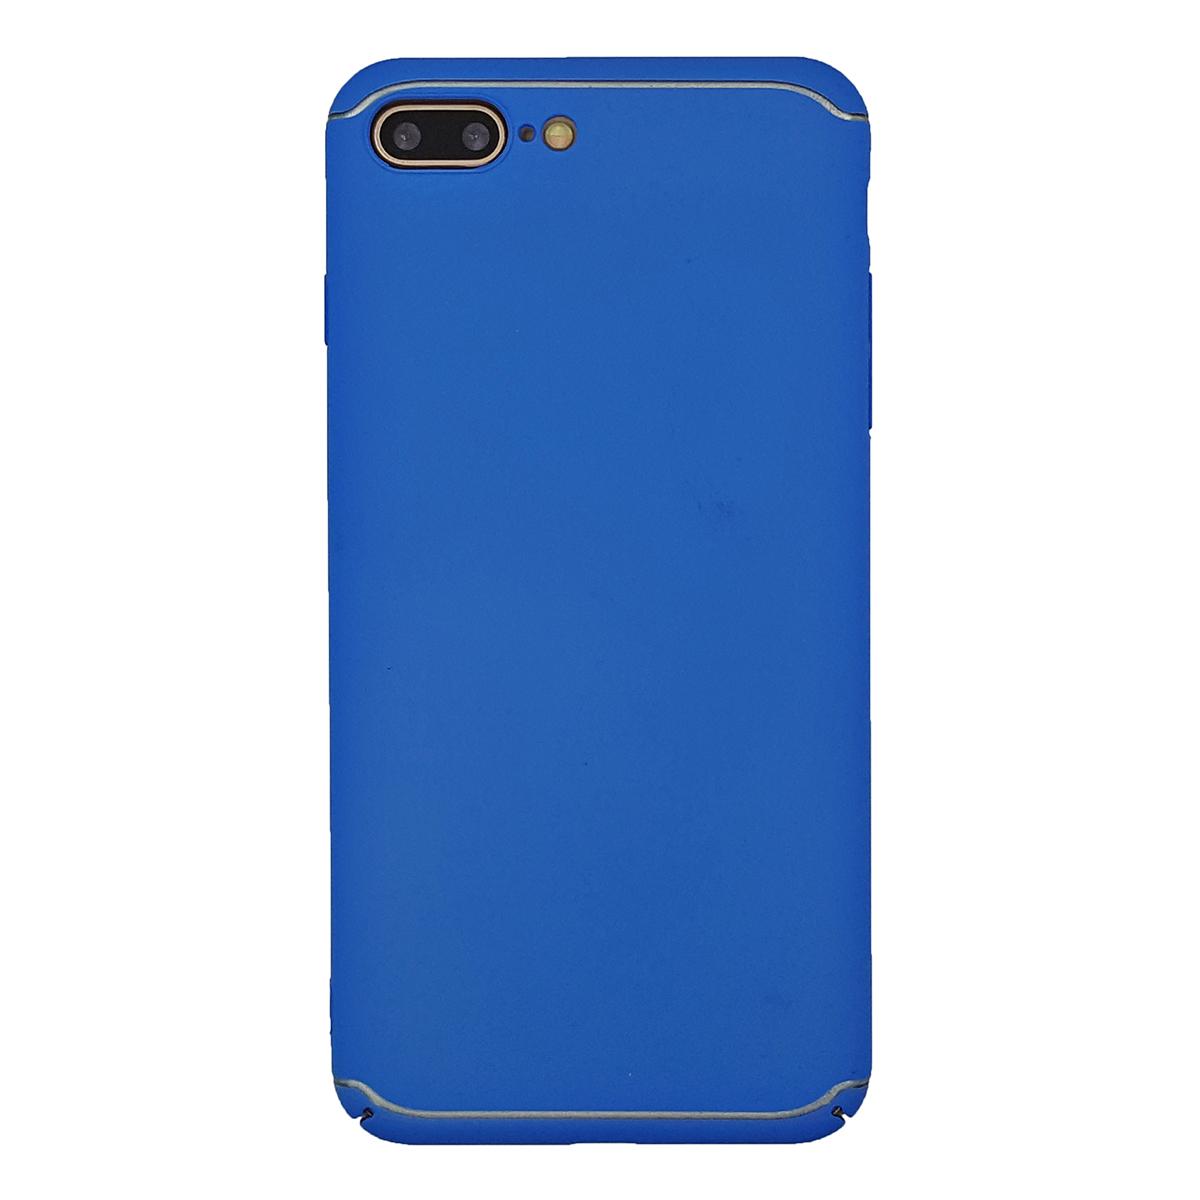 کاور مدل IP485 مناسب برای گوشی موبایل اپل Iphone 8 Plus / 7 Plus